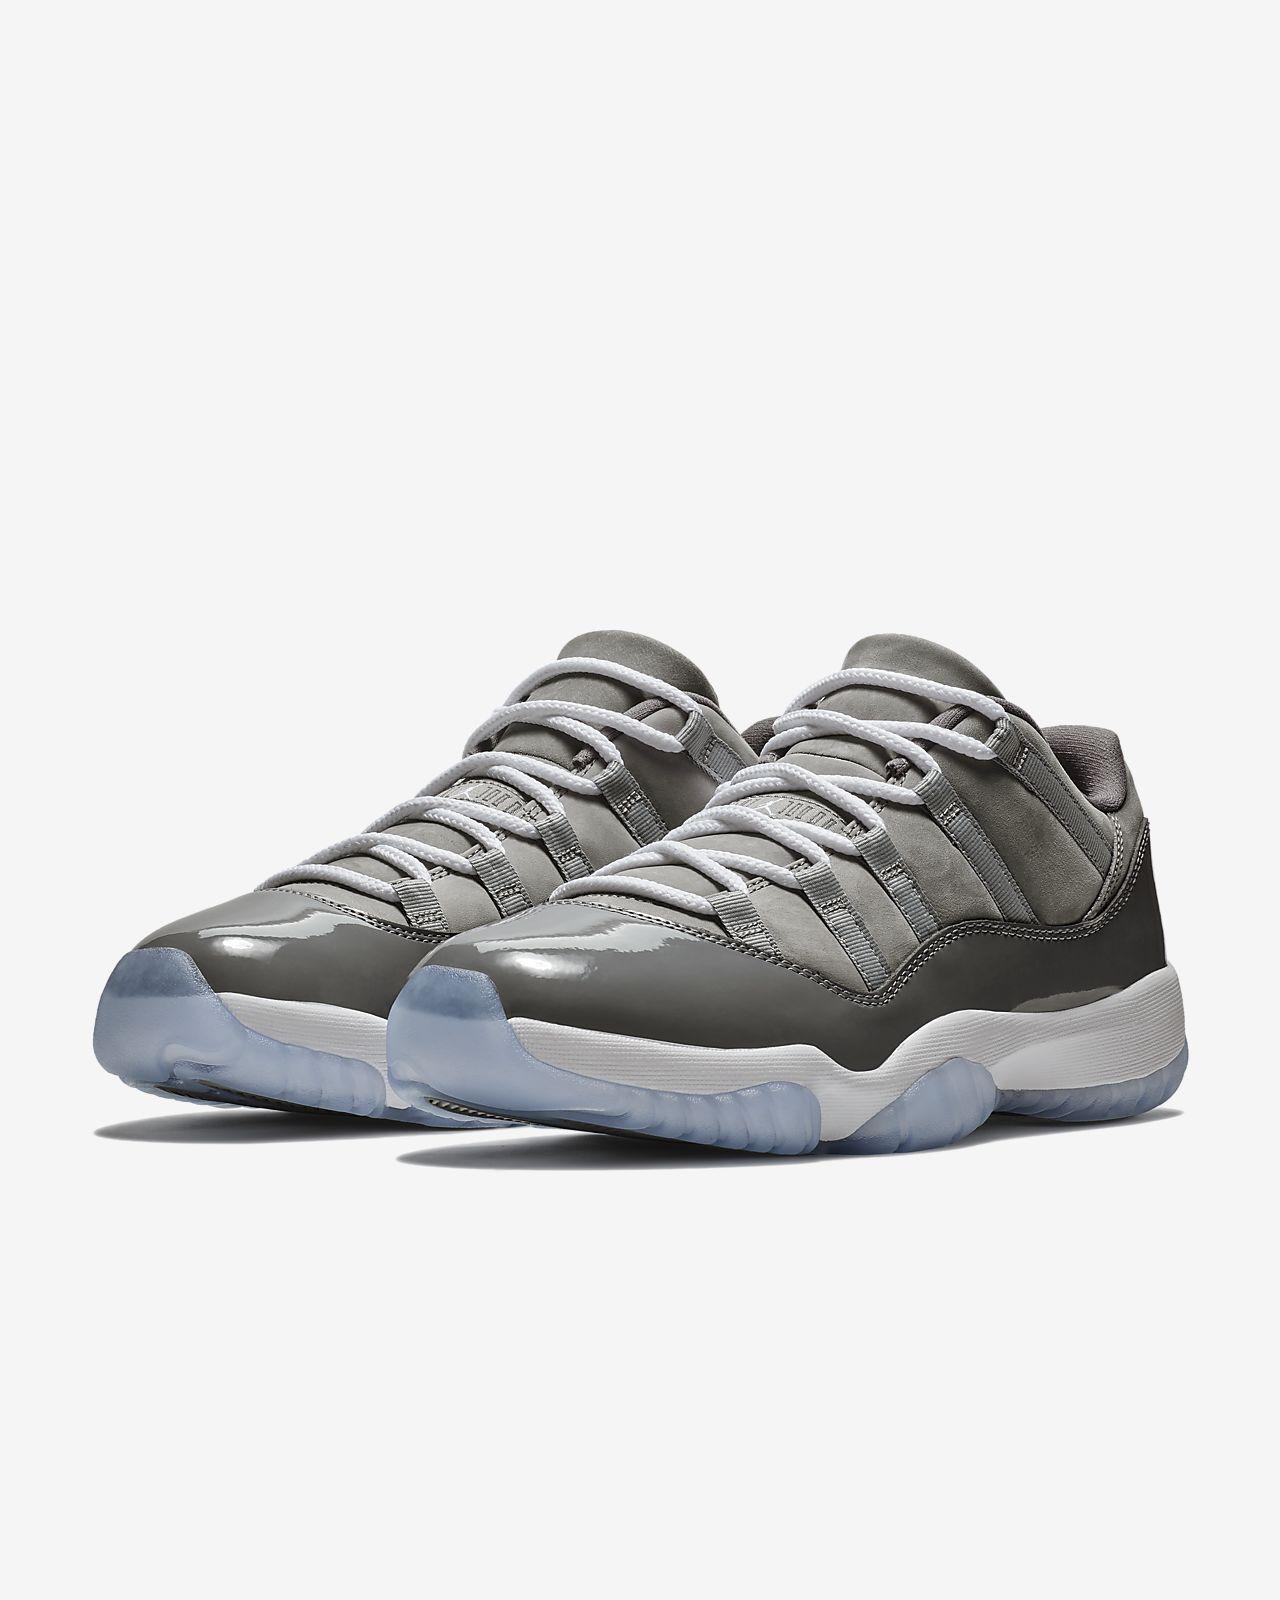 ... Air Jordan 11 Retro Low Men's Shoe